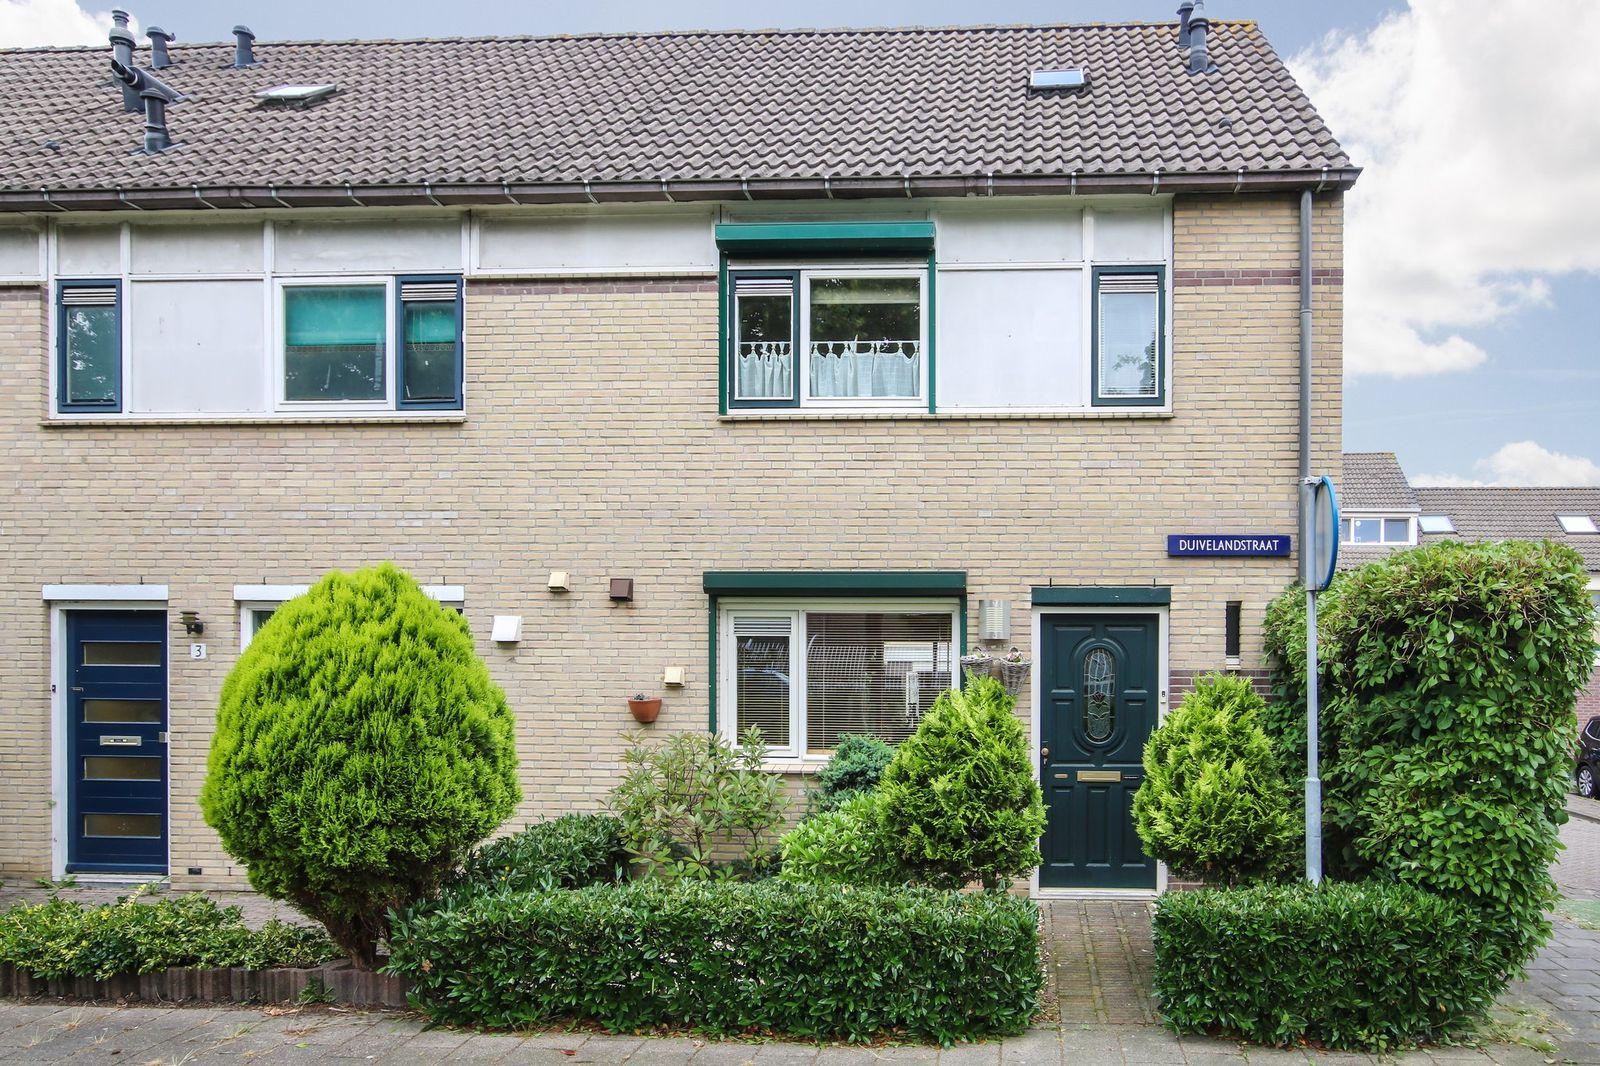 Duivelandstraat 2, Alkmaar